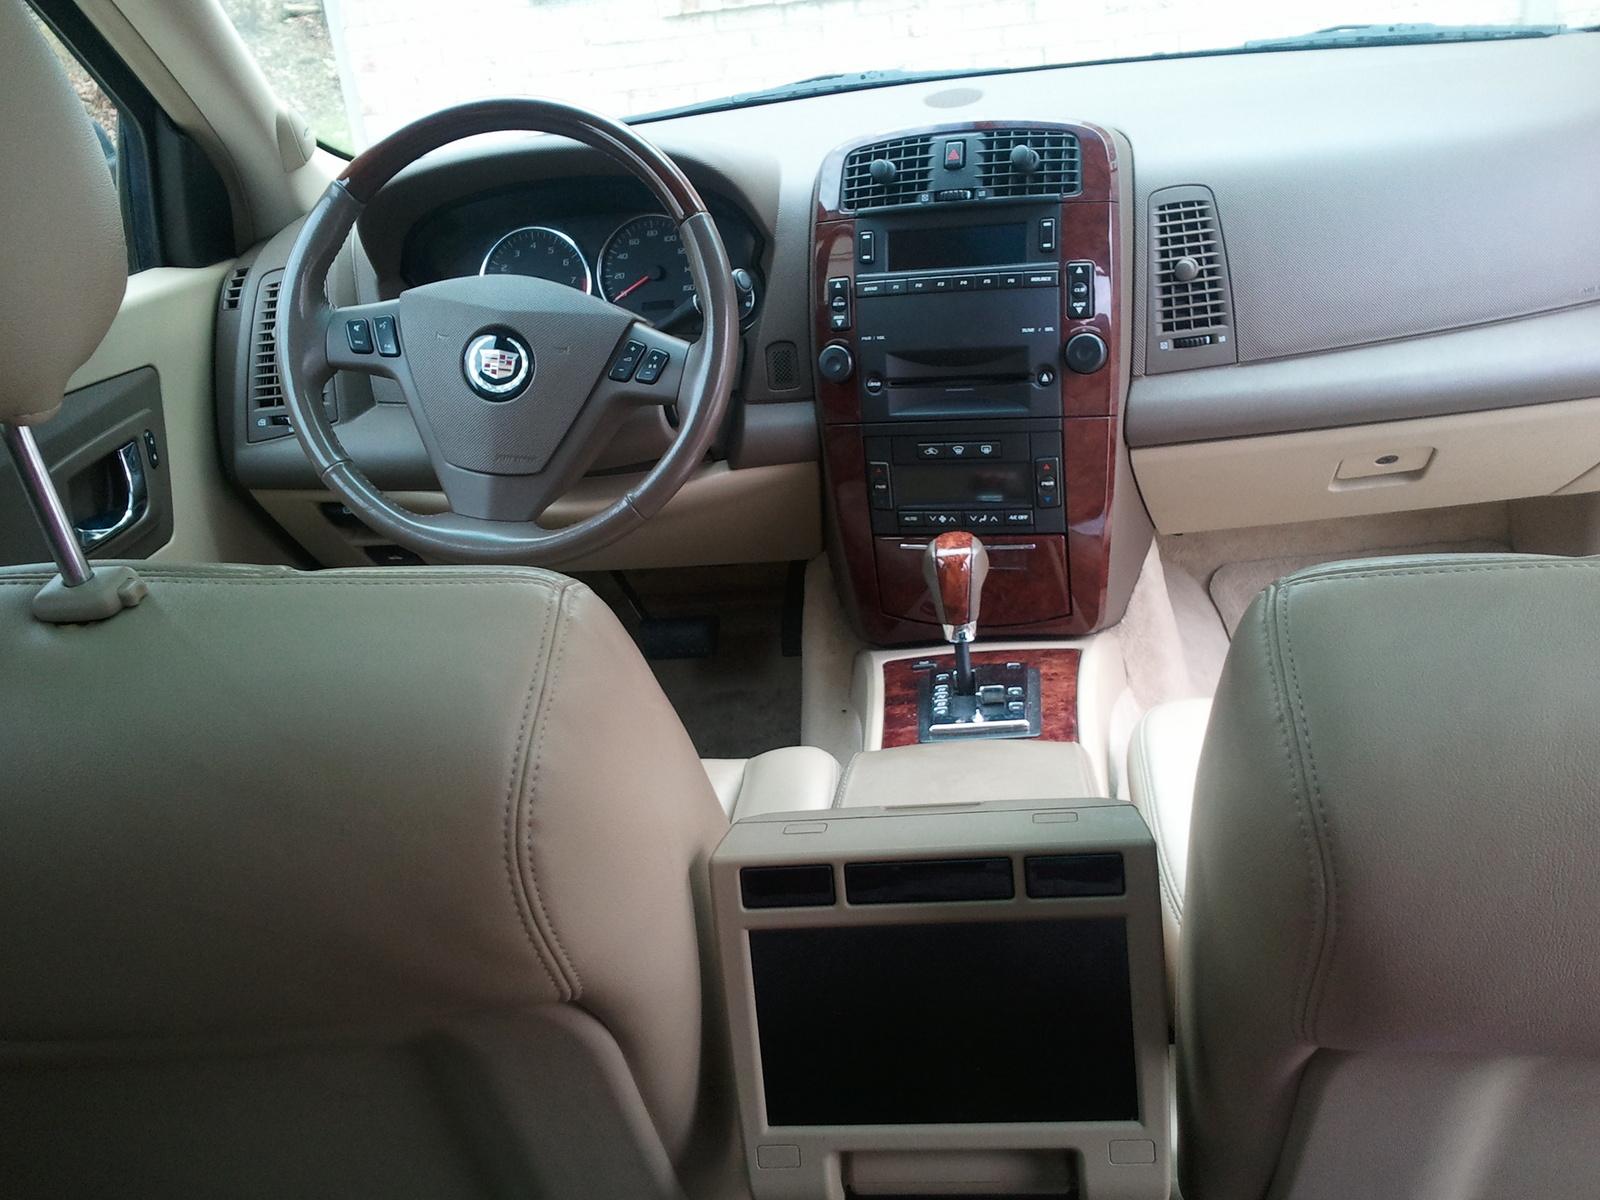 2006 Cadillac Srx Interior Pictures Cargurus